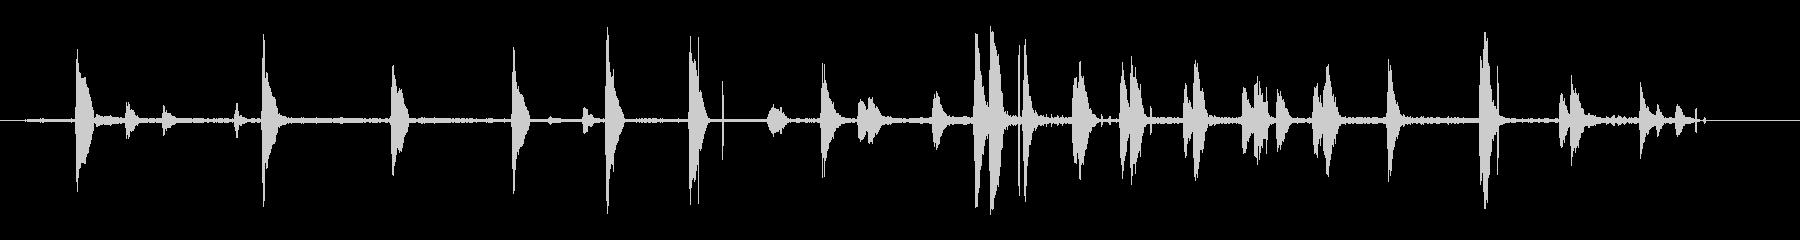 ジャックドーラ・グラバー・ピック・...の未再生の波形